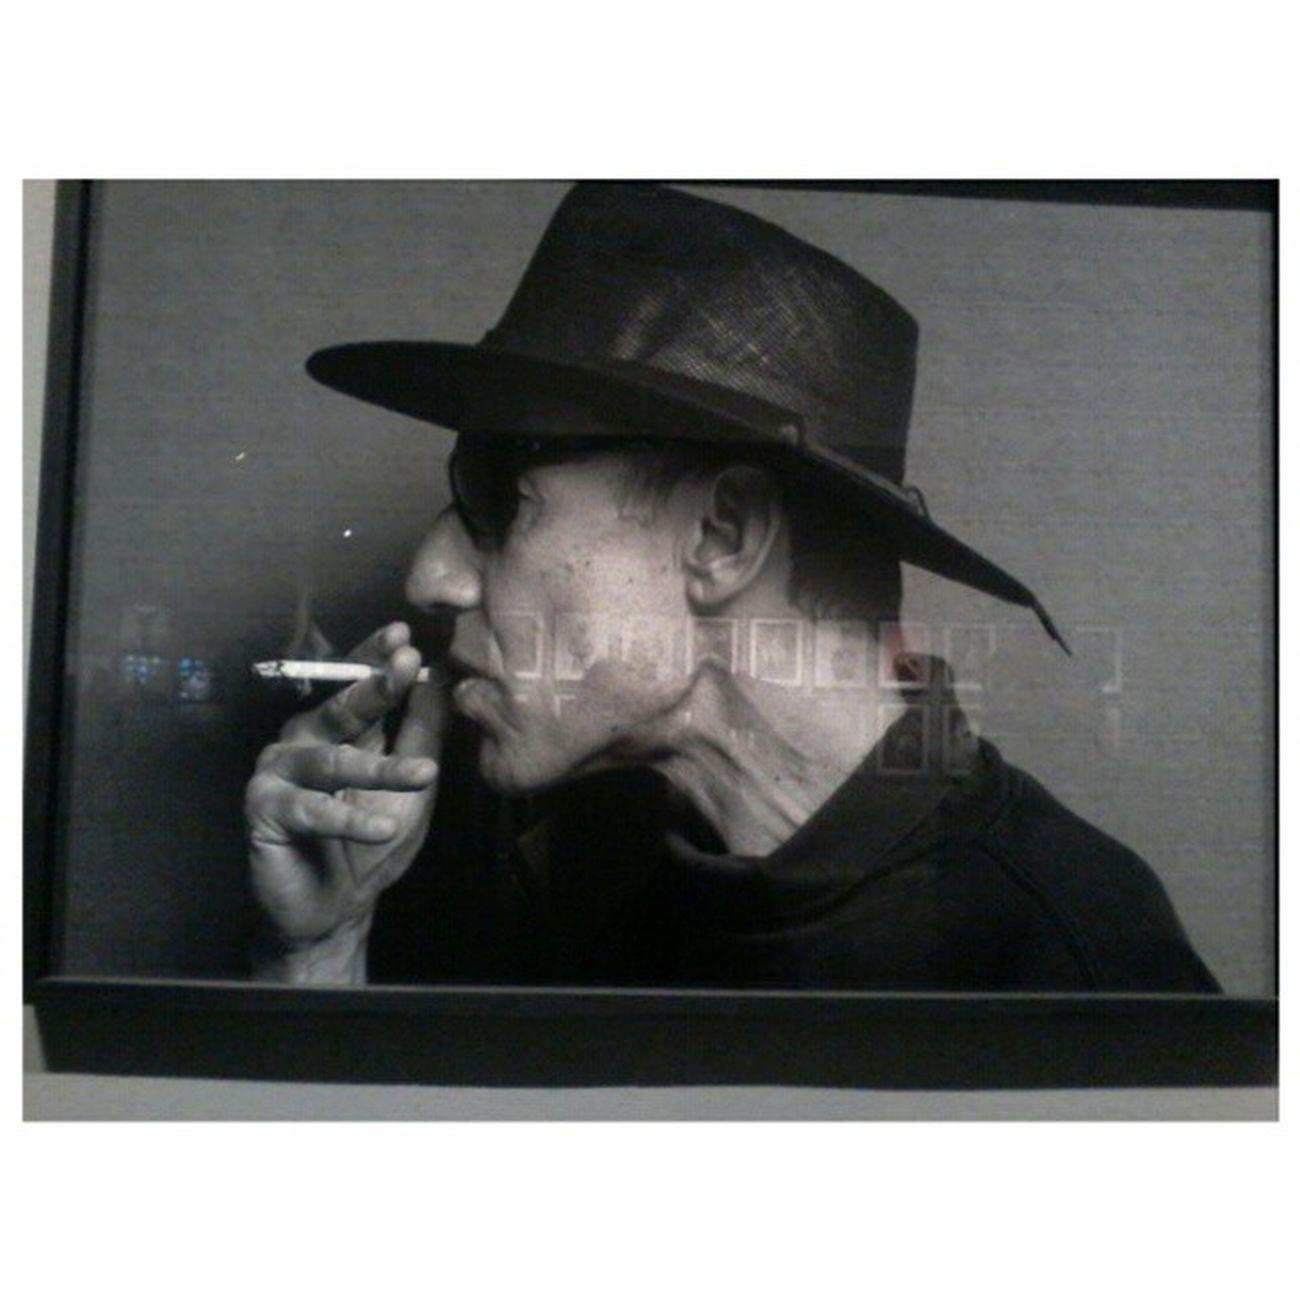 Paso a dejar esta composición extrema. Retrato blanco y negro de Skay Beilinson ♥♥♥ Omitir las fotos que se reflejan. Photography Blackandwhite Portrait Skaybeilinson Festivalemergente Bsasyelarte Skayomuere